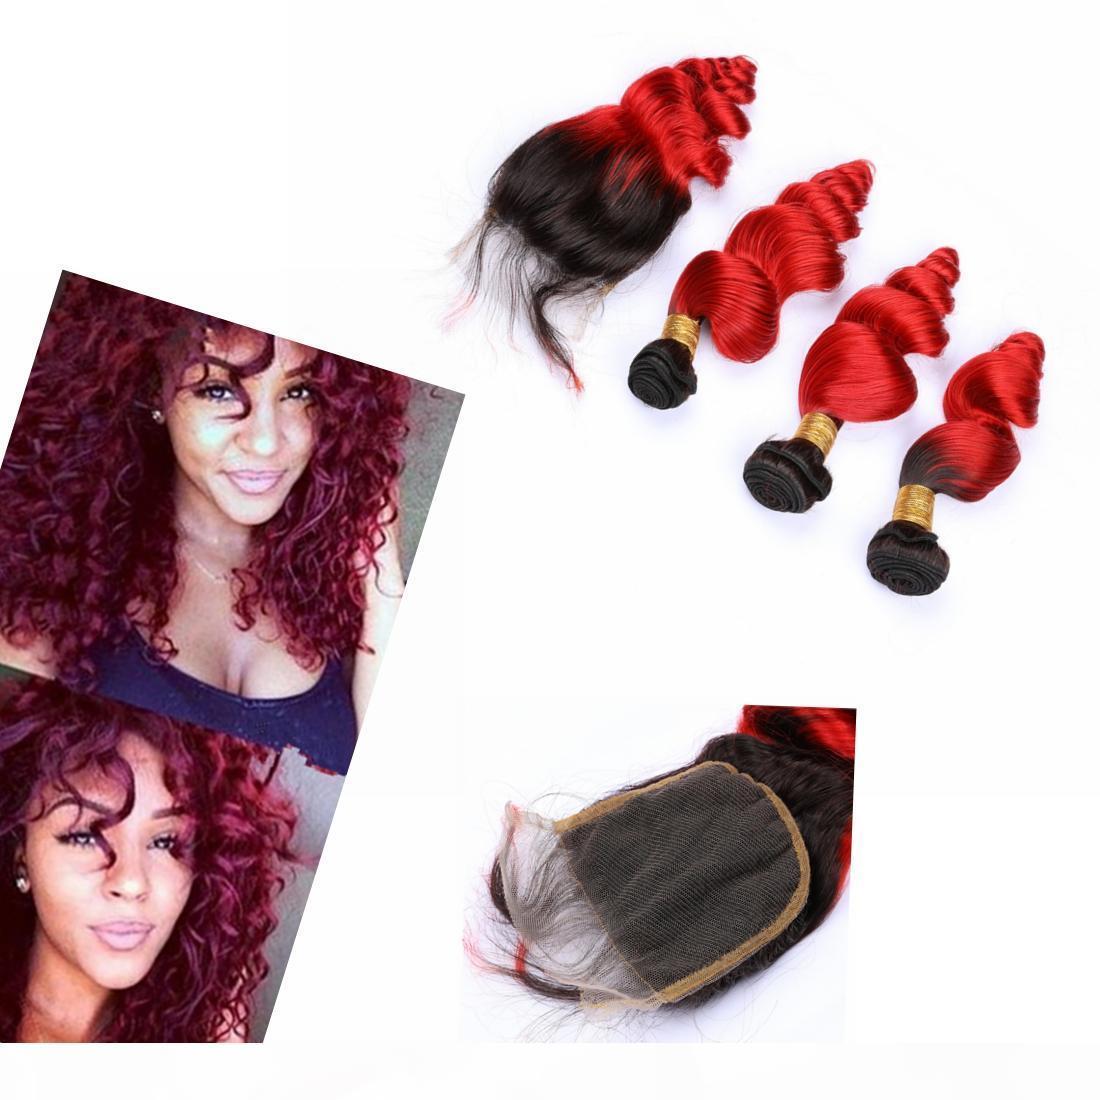 Abbassi di capelli ondulati di Ombre con chiusura capelli indiani # 1b #red largo ondulato ondulato capelli tessere con chiusura